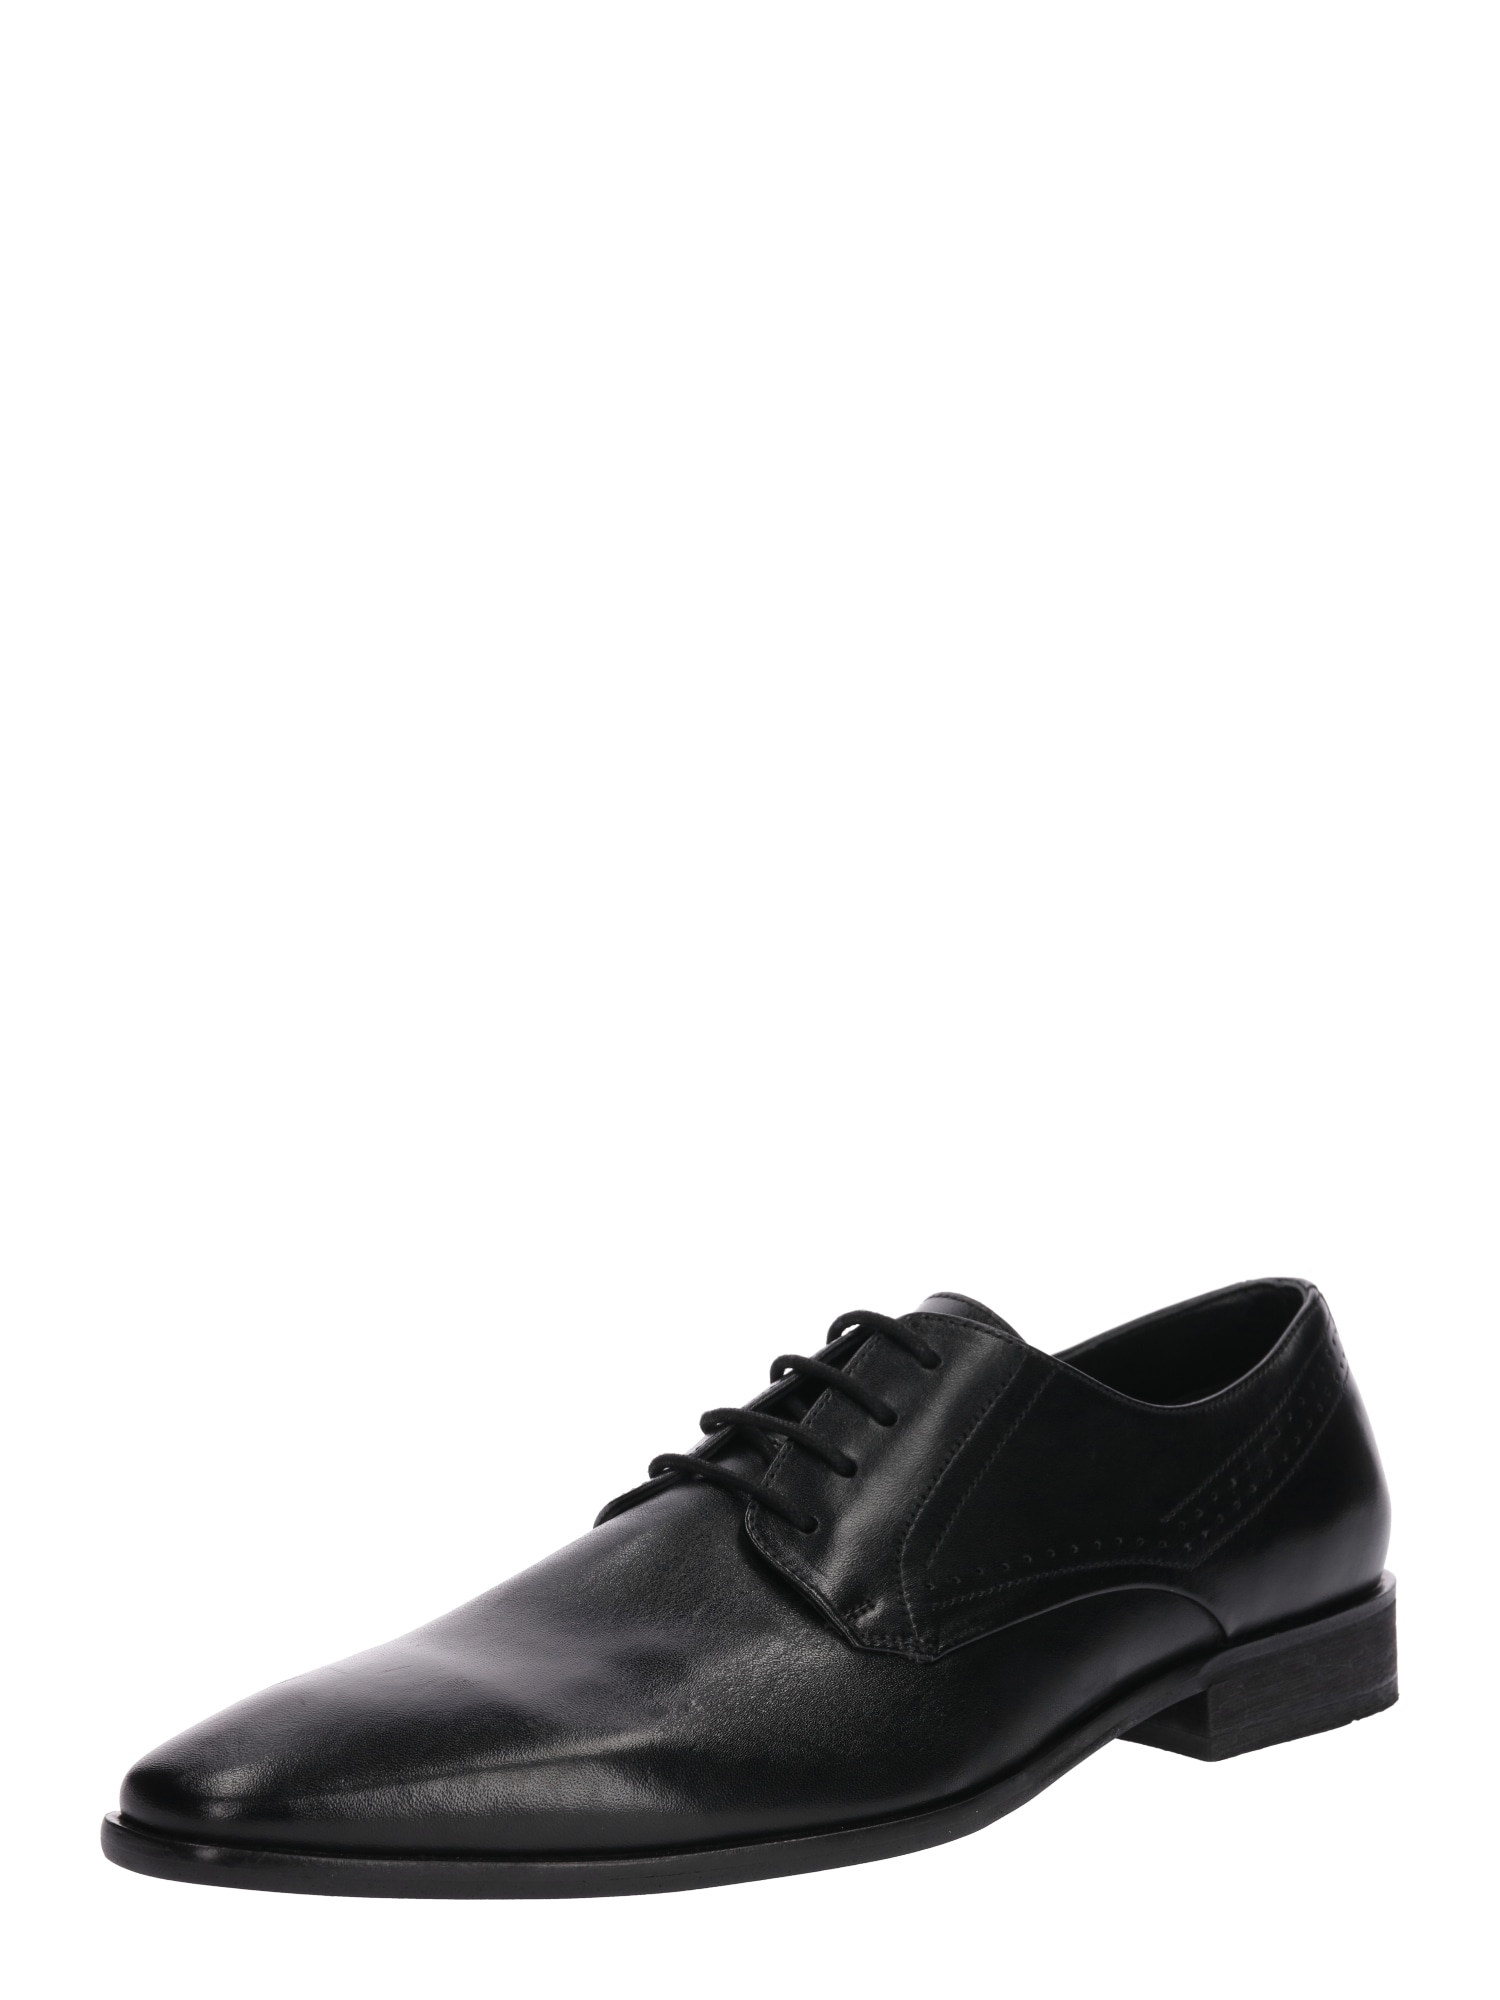 Šněrovací boty Jim černá ABOUT YOU